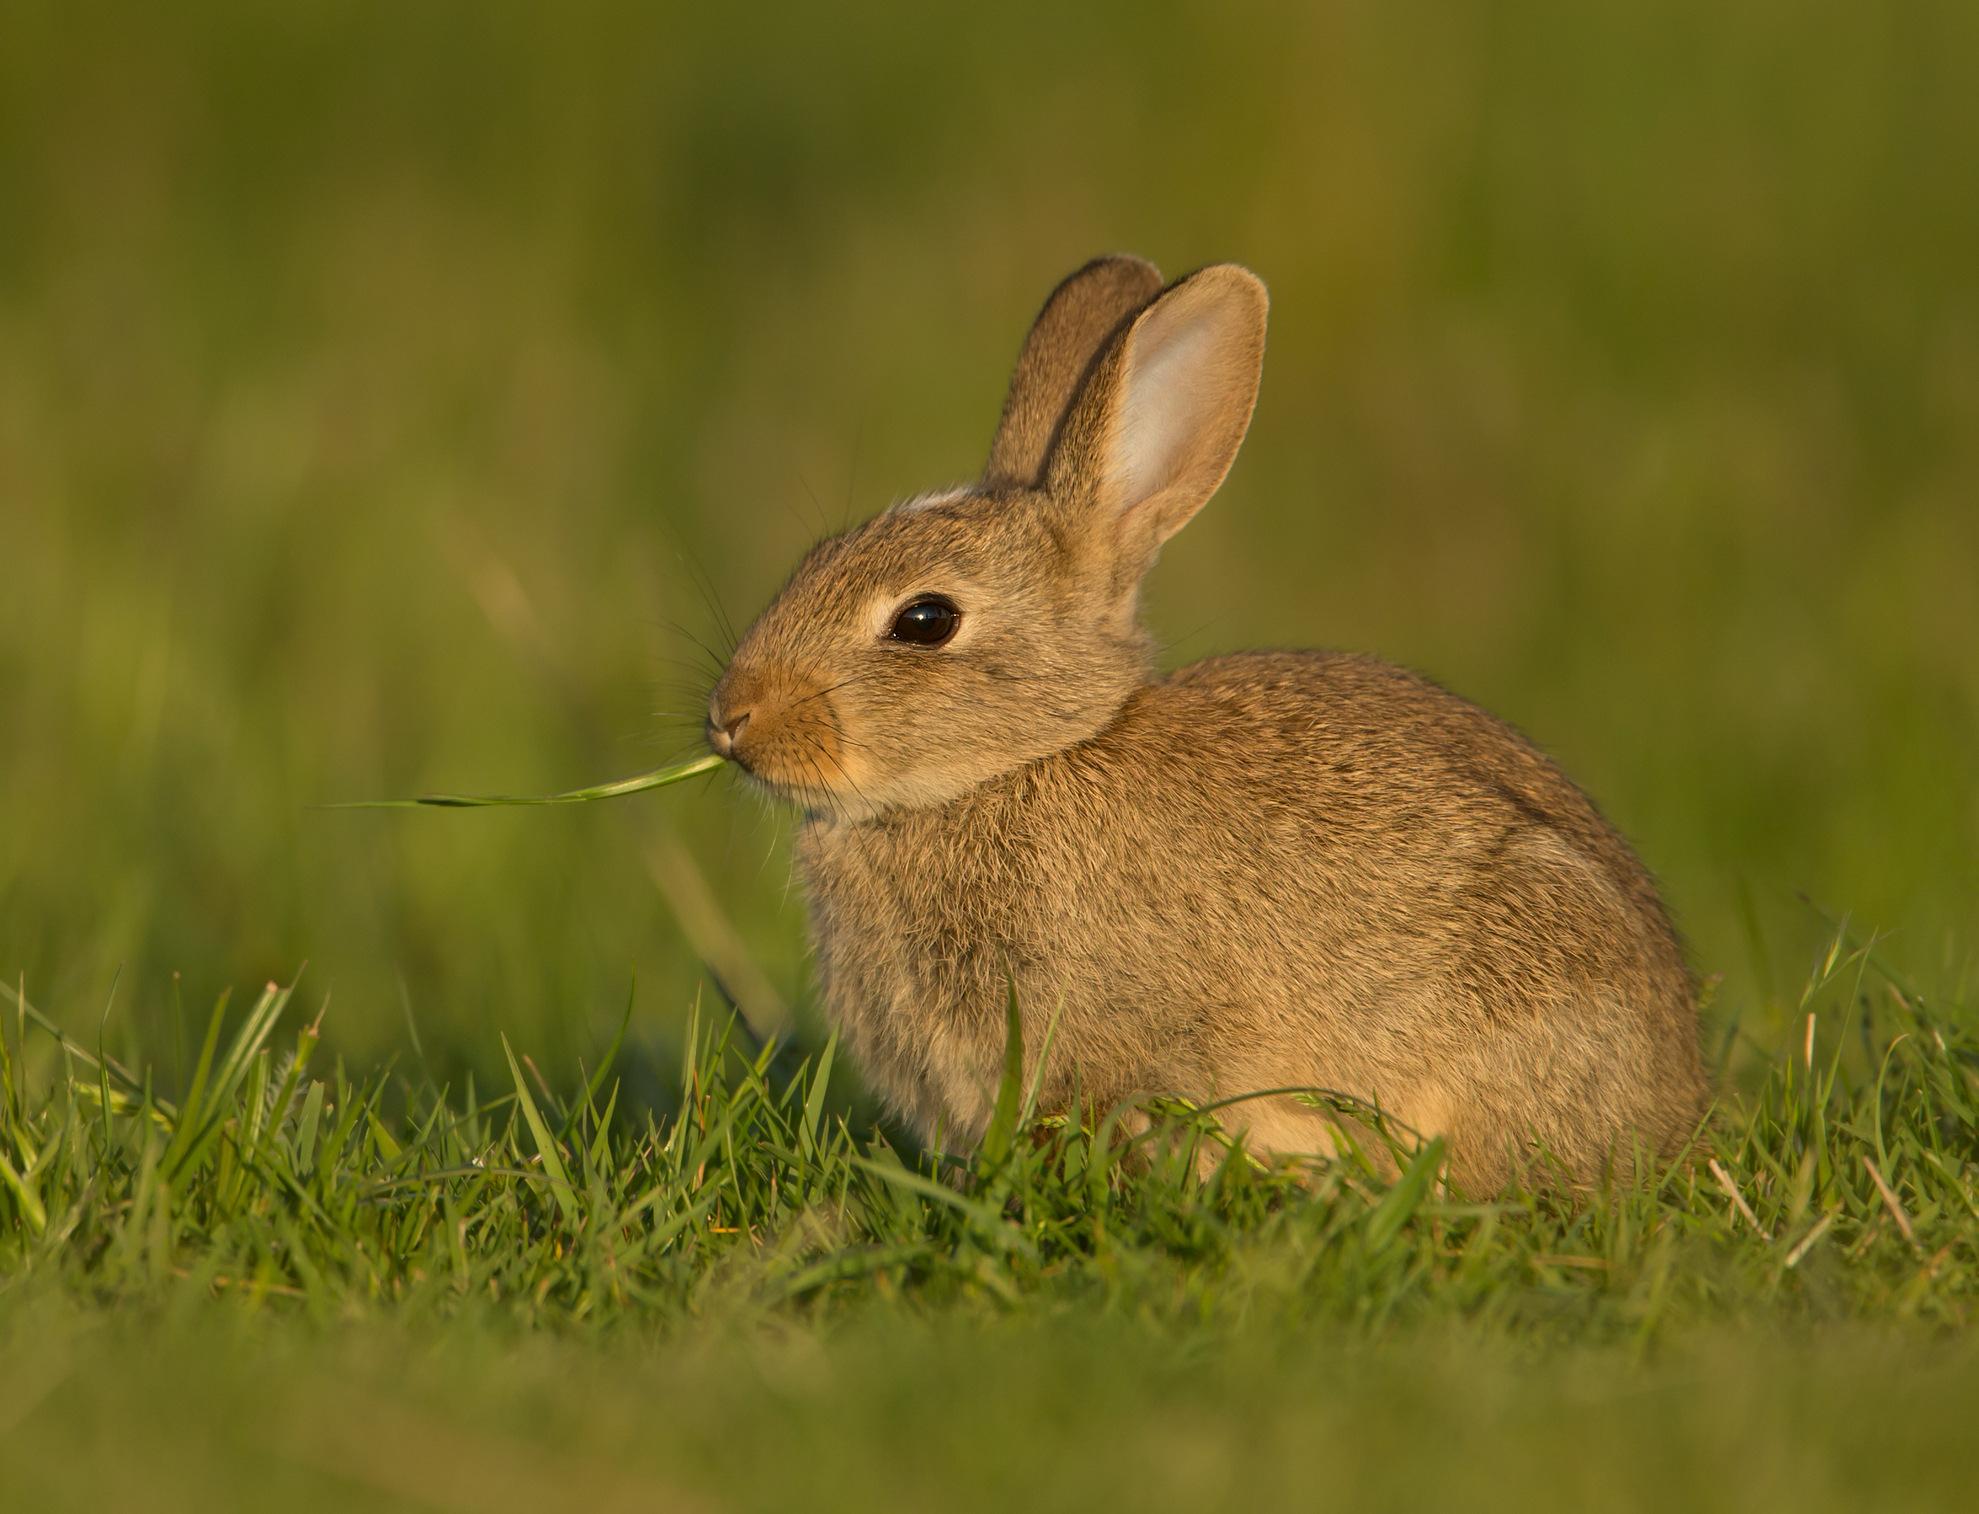 Un lapin commun, ou lapin de Garenne